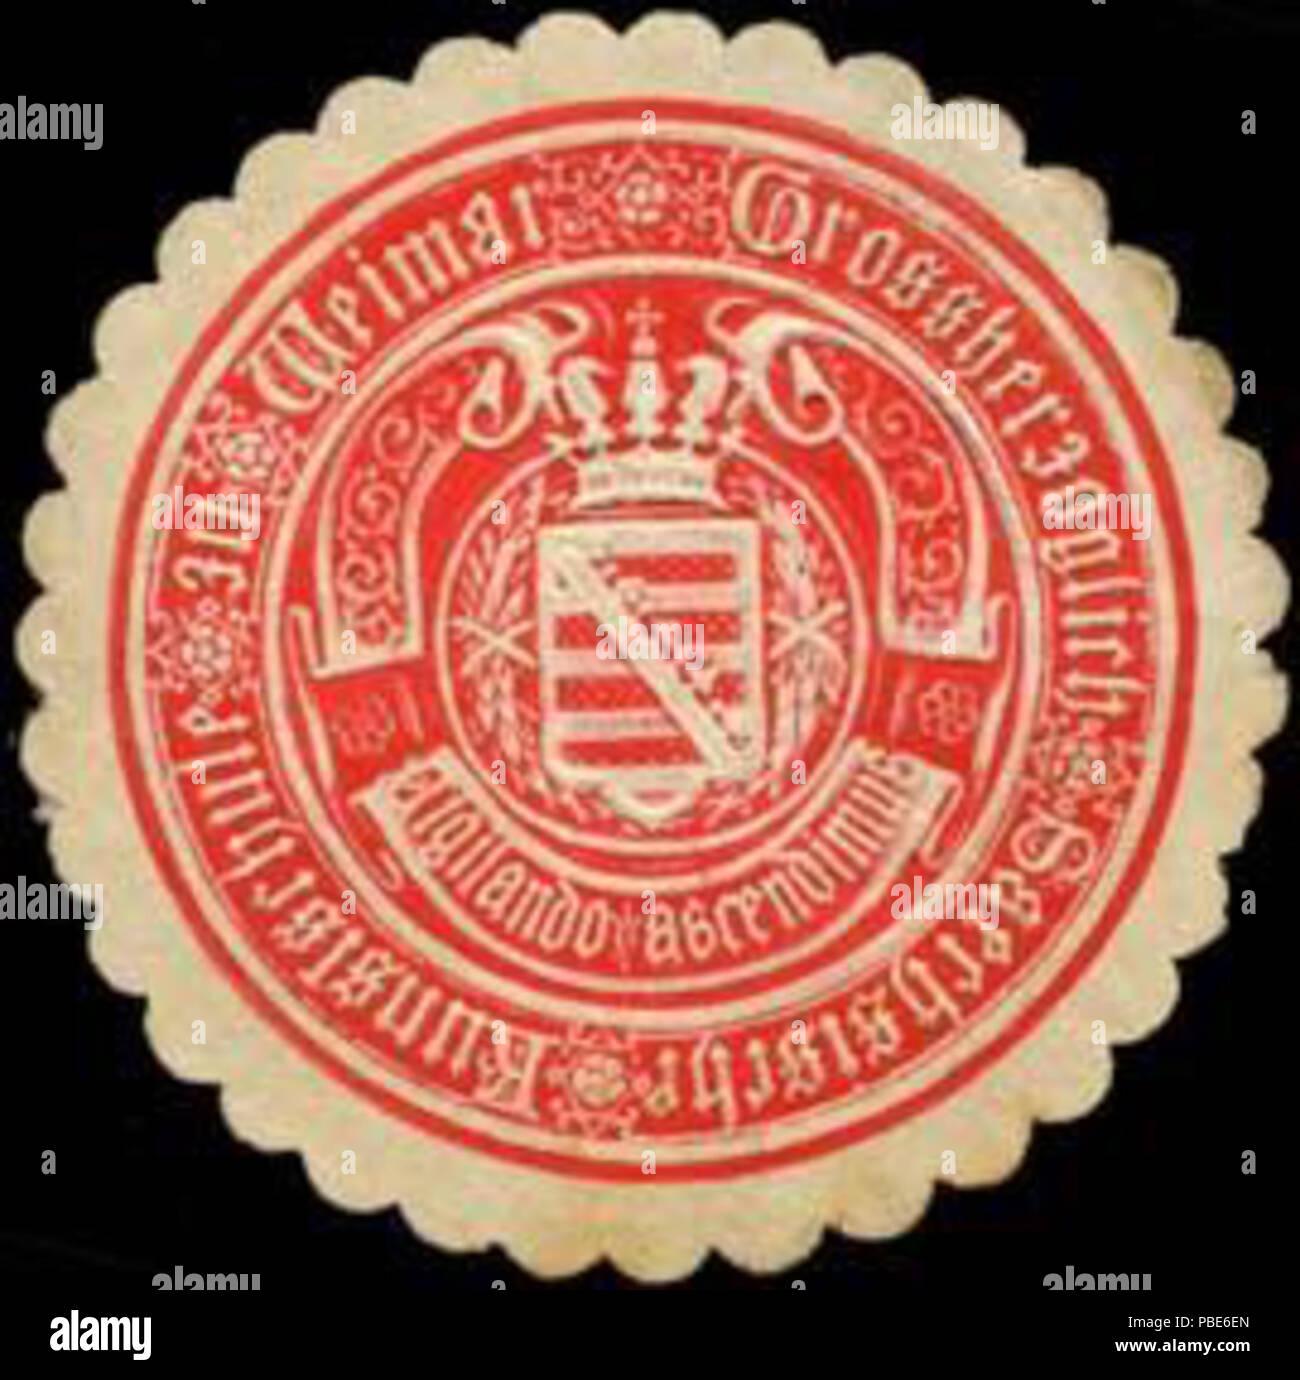 Alte Briefverschlussmarke aus Papier, welche seit ca. 1850 von Behoerden, Anwaelten, Notaren und Firmen zum verschliessen der Post verwendet wurde. 1396 Siegelmarke Grossherzoglich Sächsische Kunstschule zu Weimar W0290227 - Stock Image